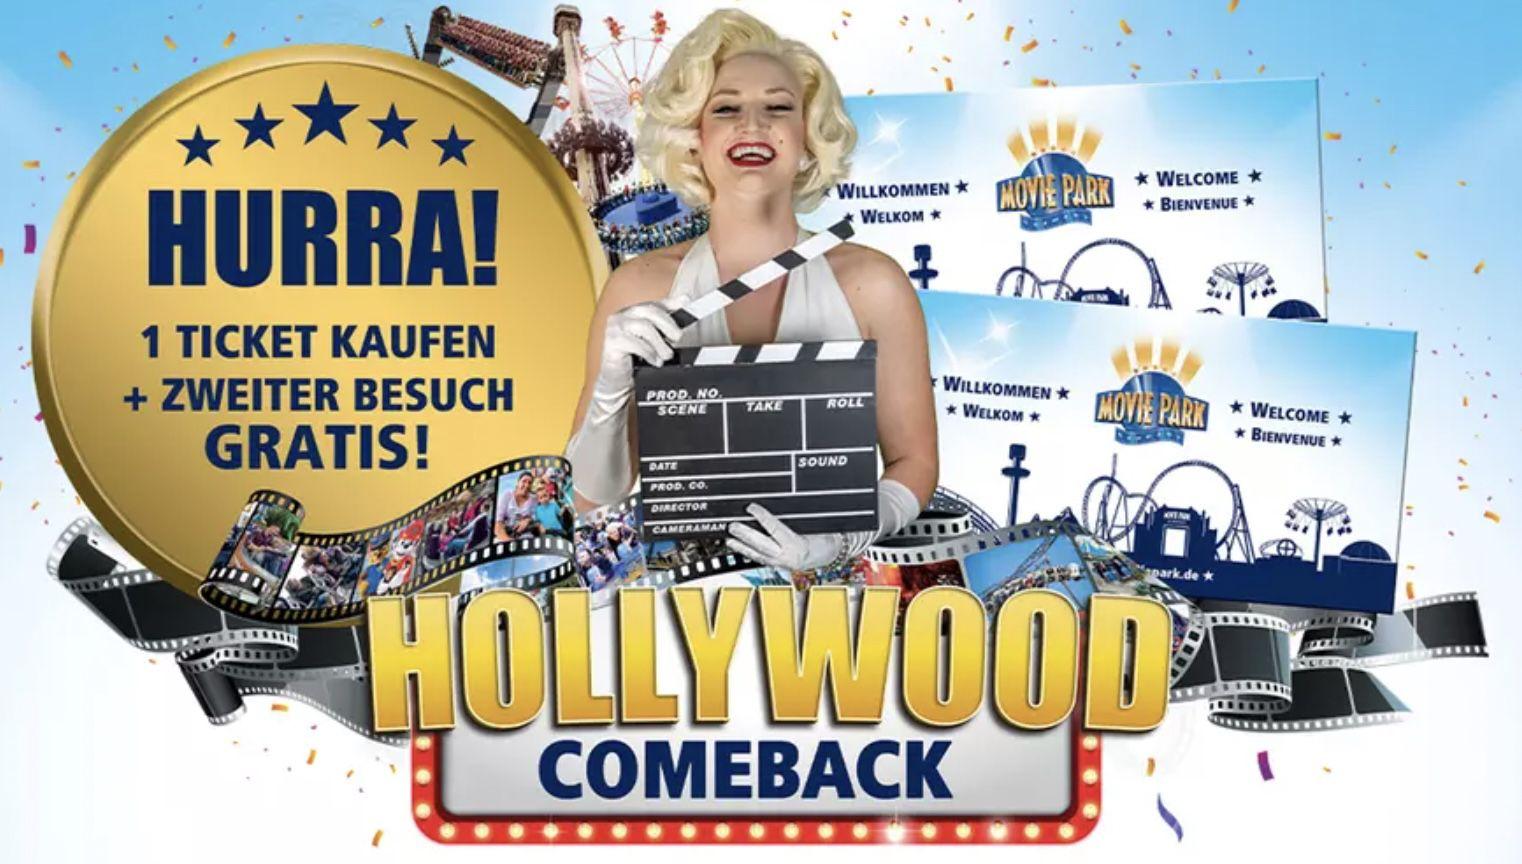 Tagesticket Movie Park für 36,90€ + 2. Besuch GRATIS